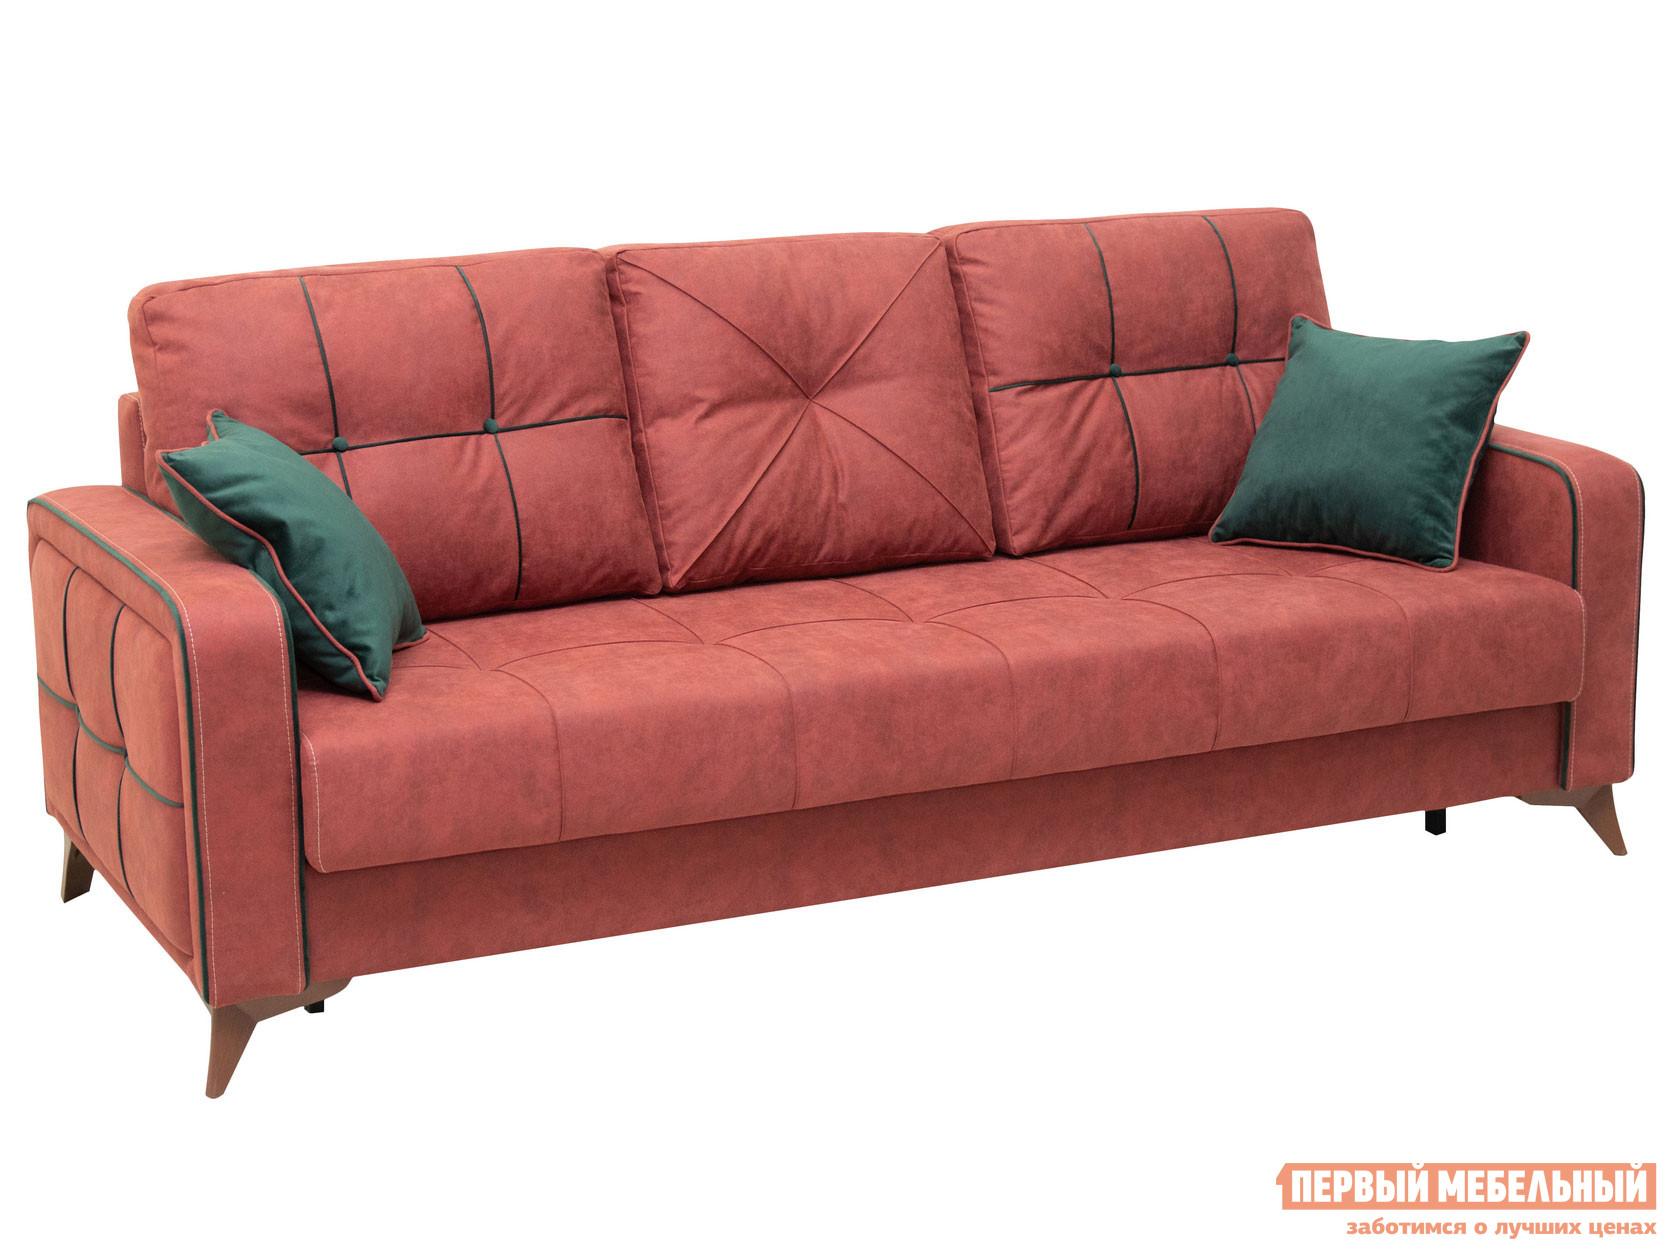 Прямой диван  Черри диван-кровать Красный, искусственная замша — Черри диван-кровать Красный, искусственная замша